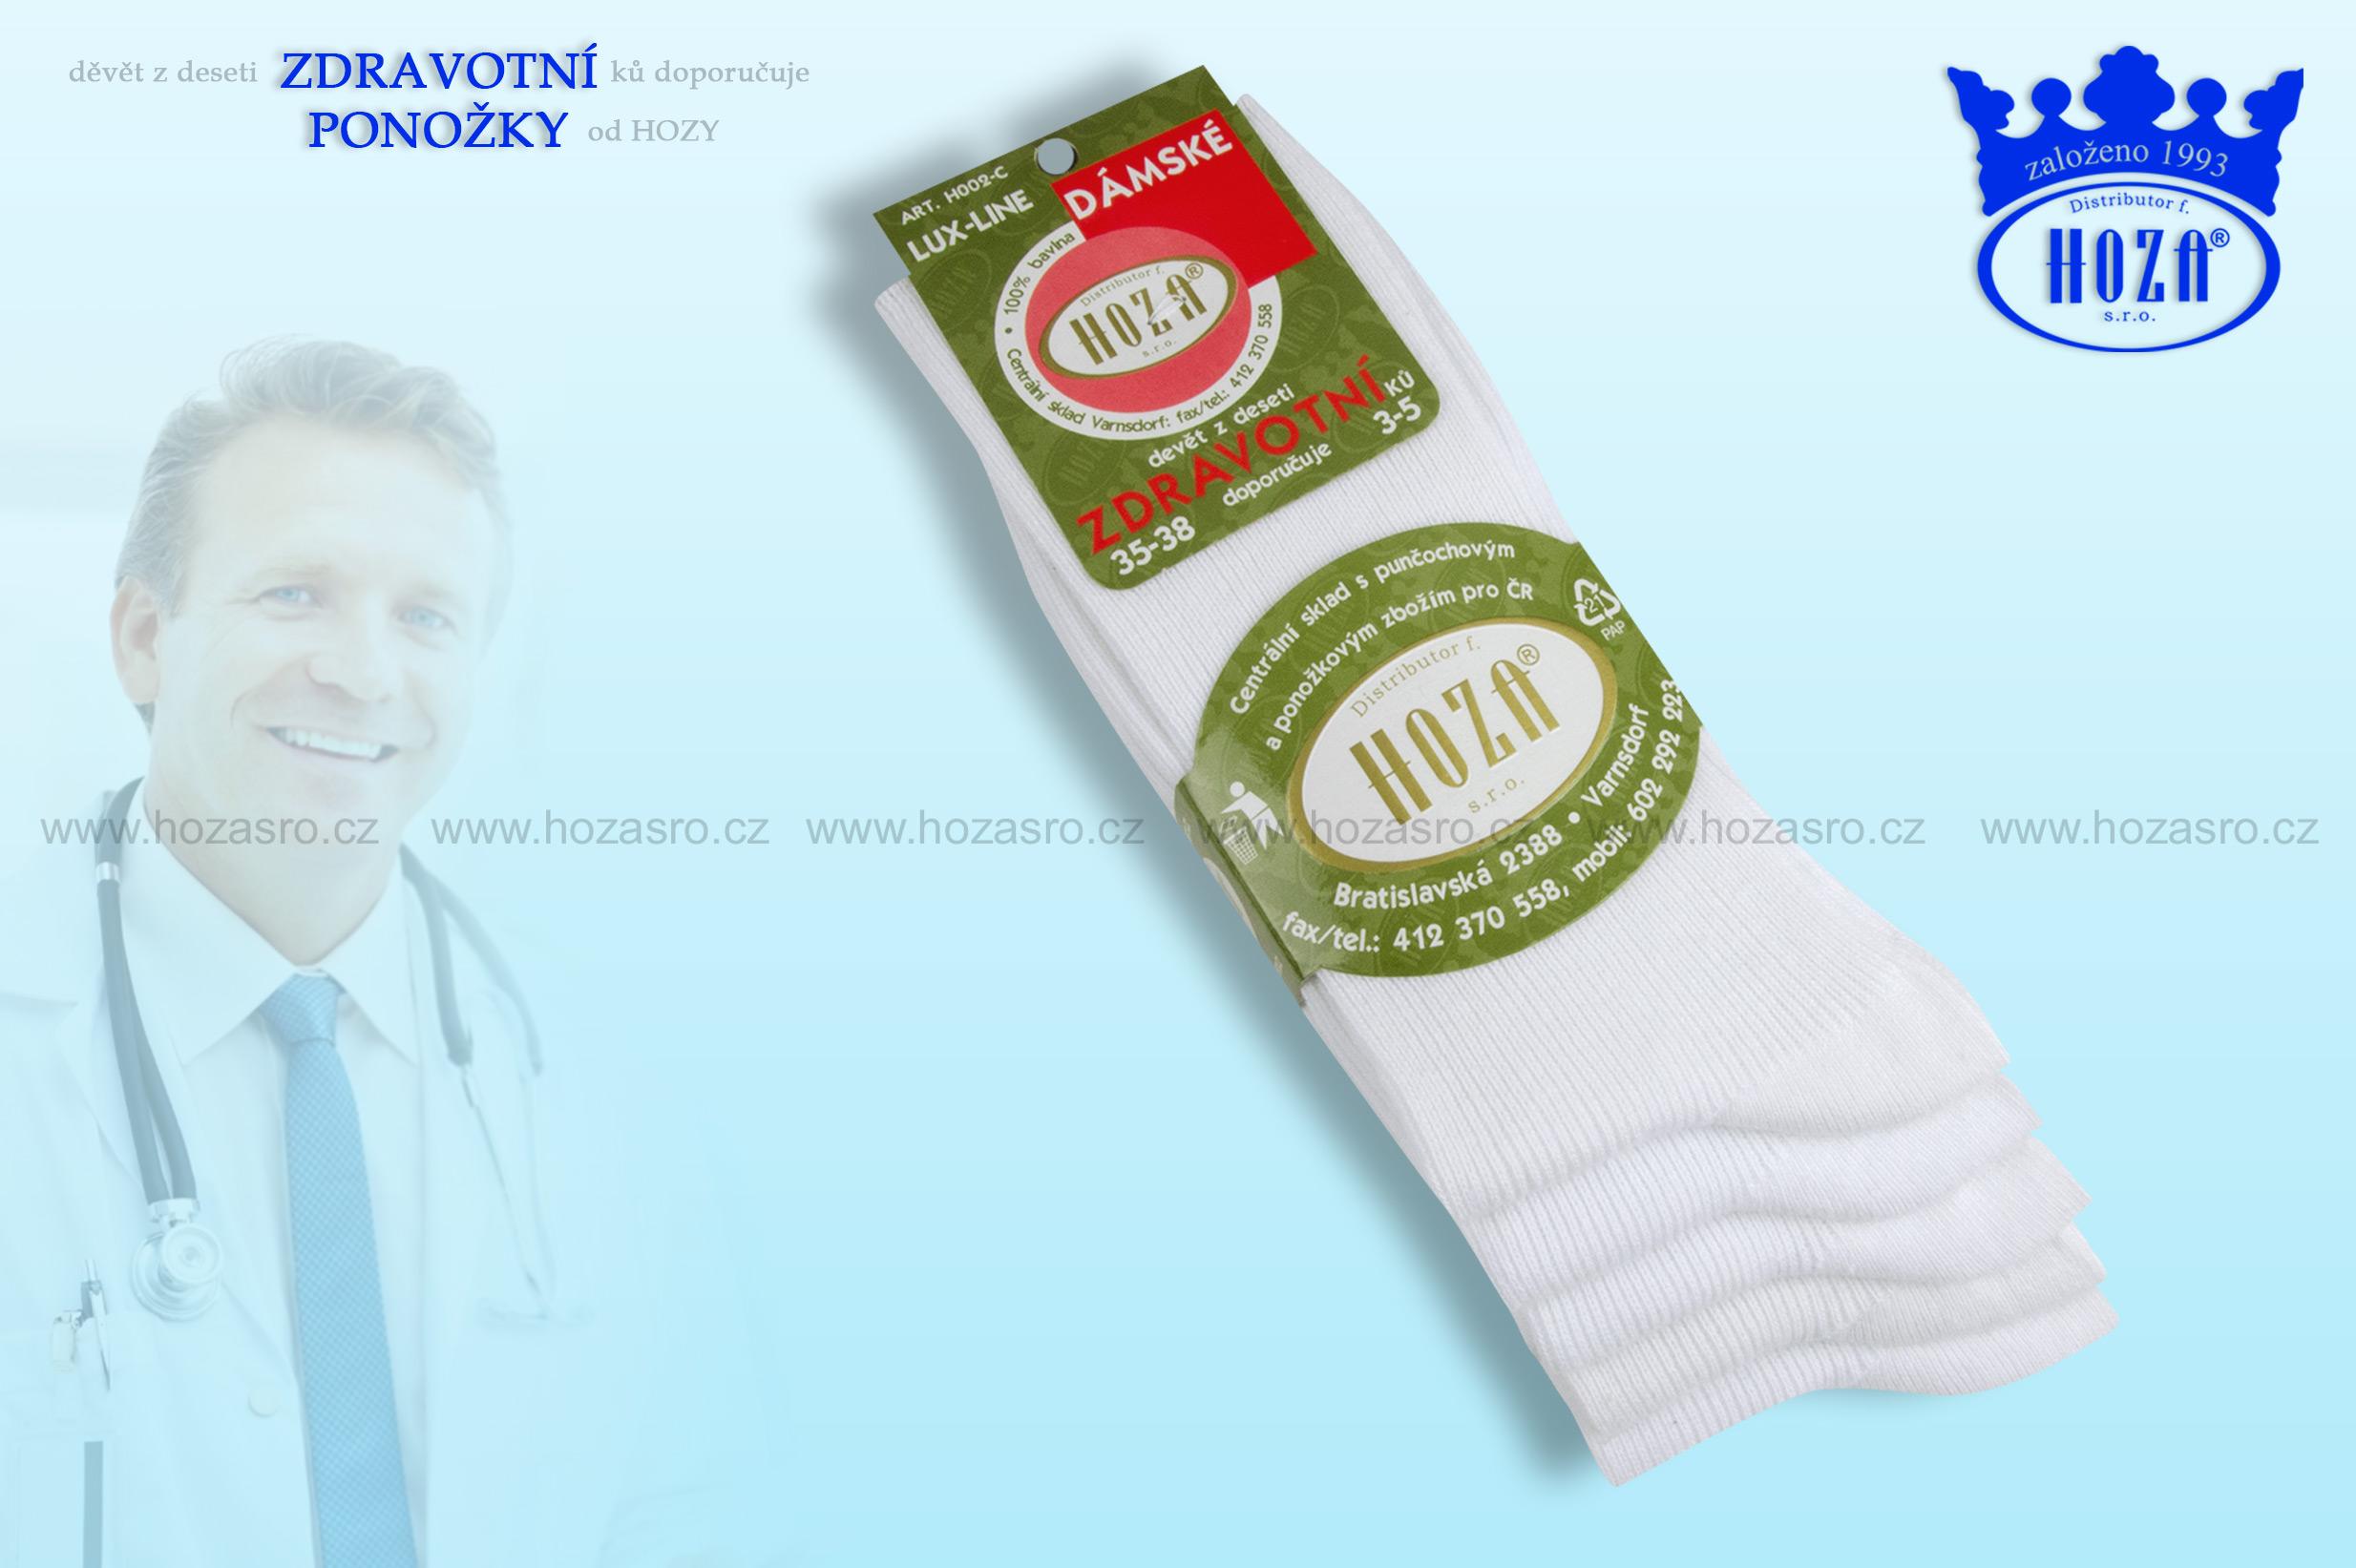 Dámské ponožky zdravotní, 100% bavlna - bílé mix - H002-C